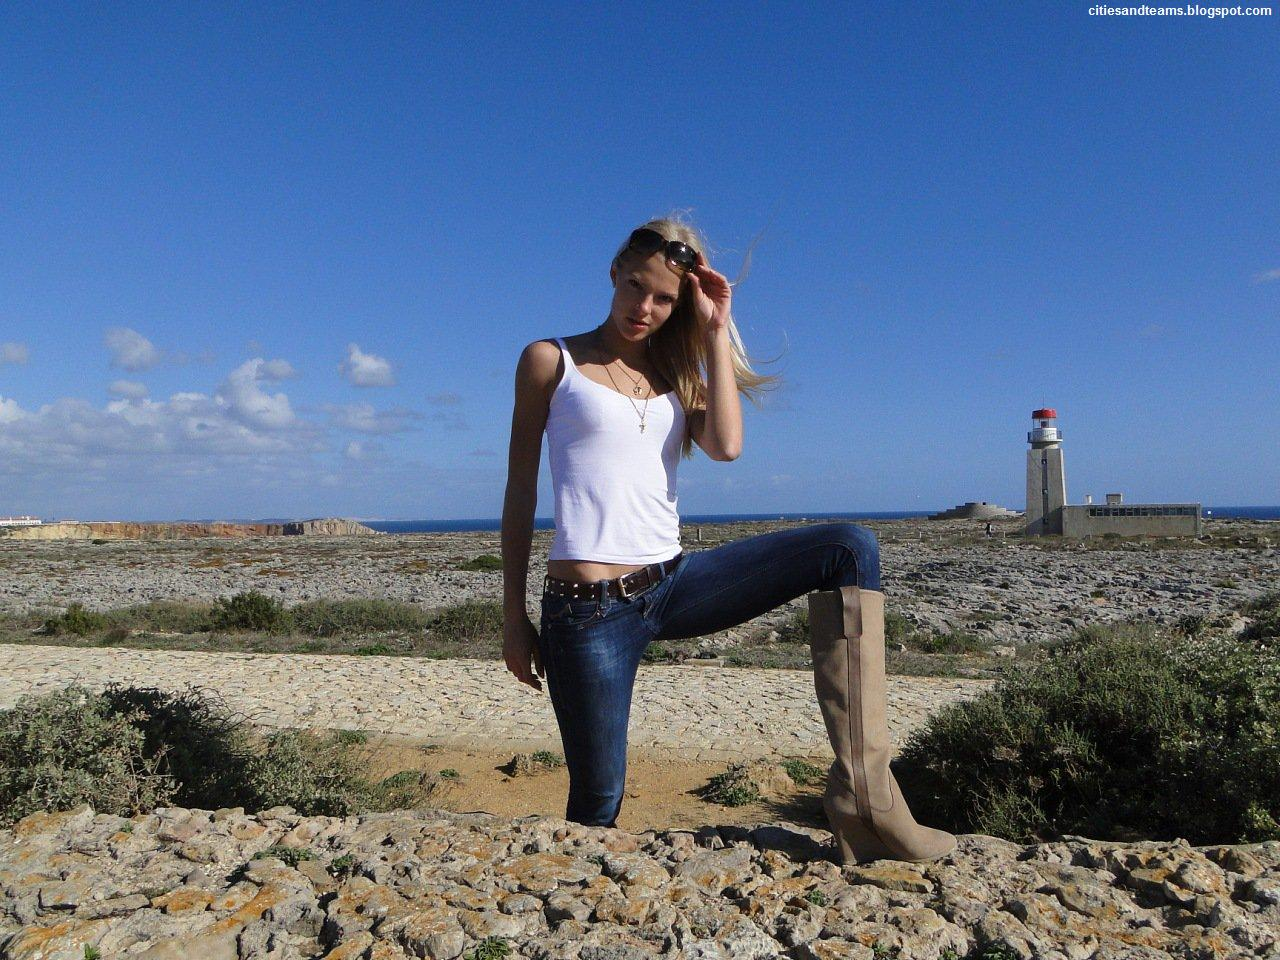 Darya Klishina Cute Russian Long Jumper And Beautiful ... Darya Klishina Wallpaper